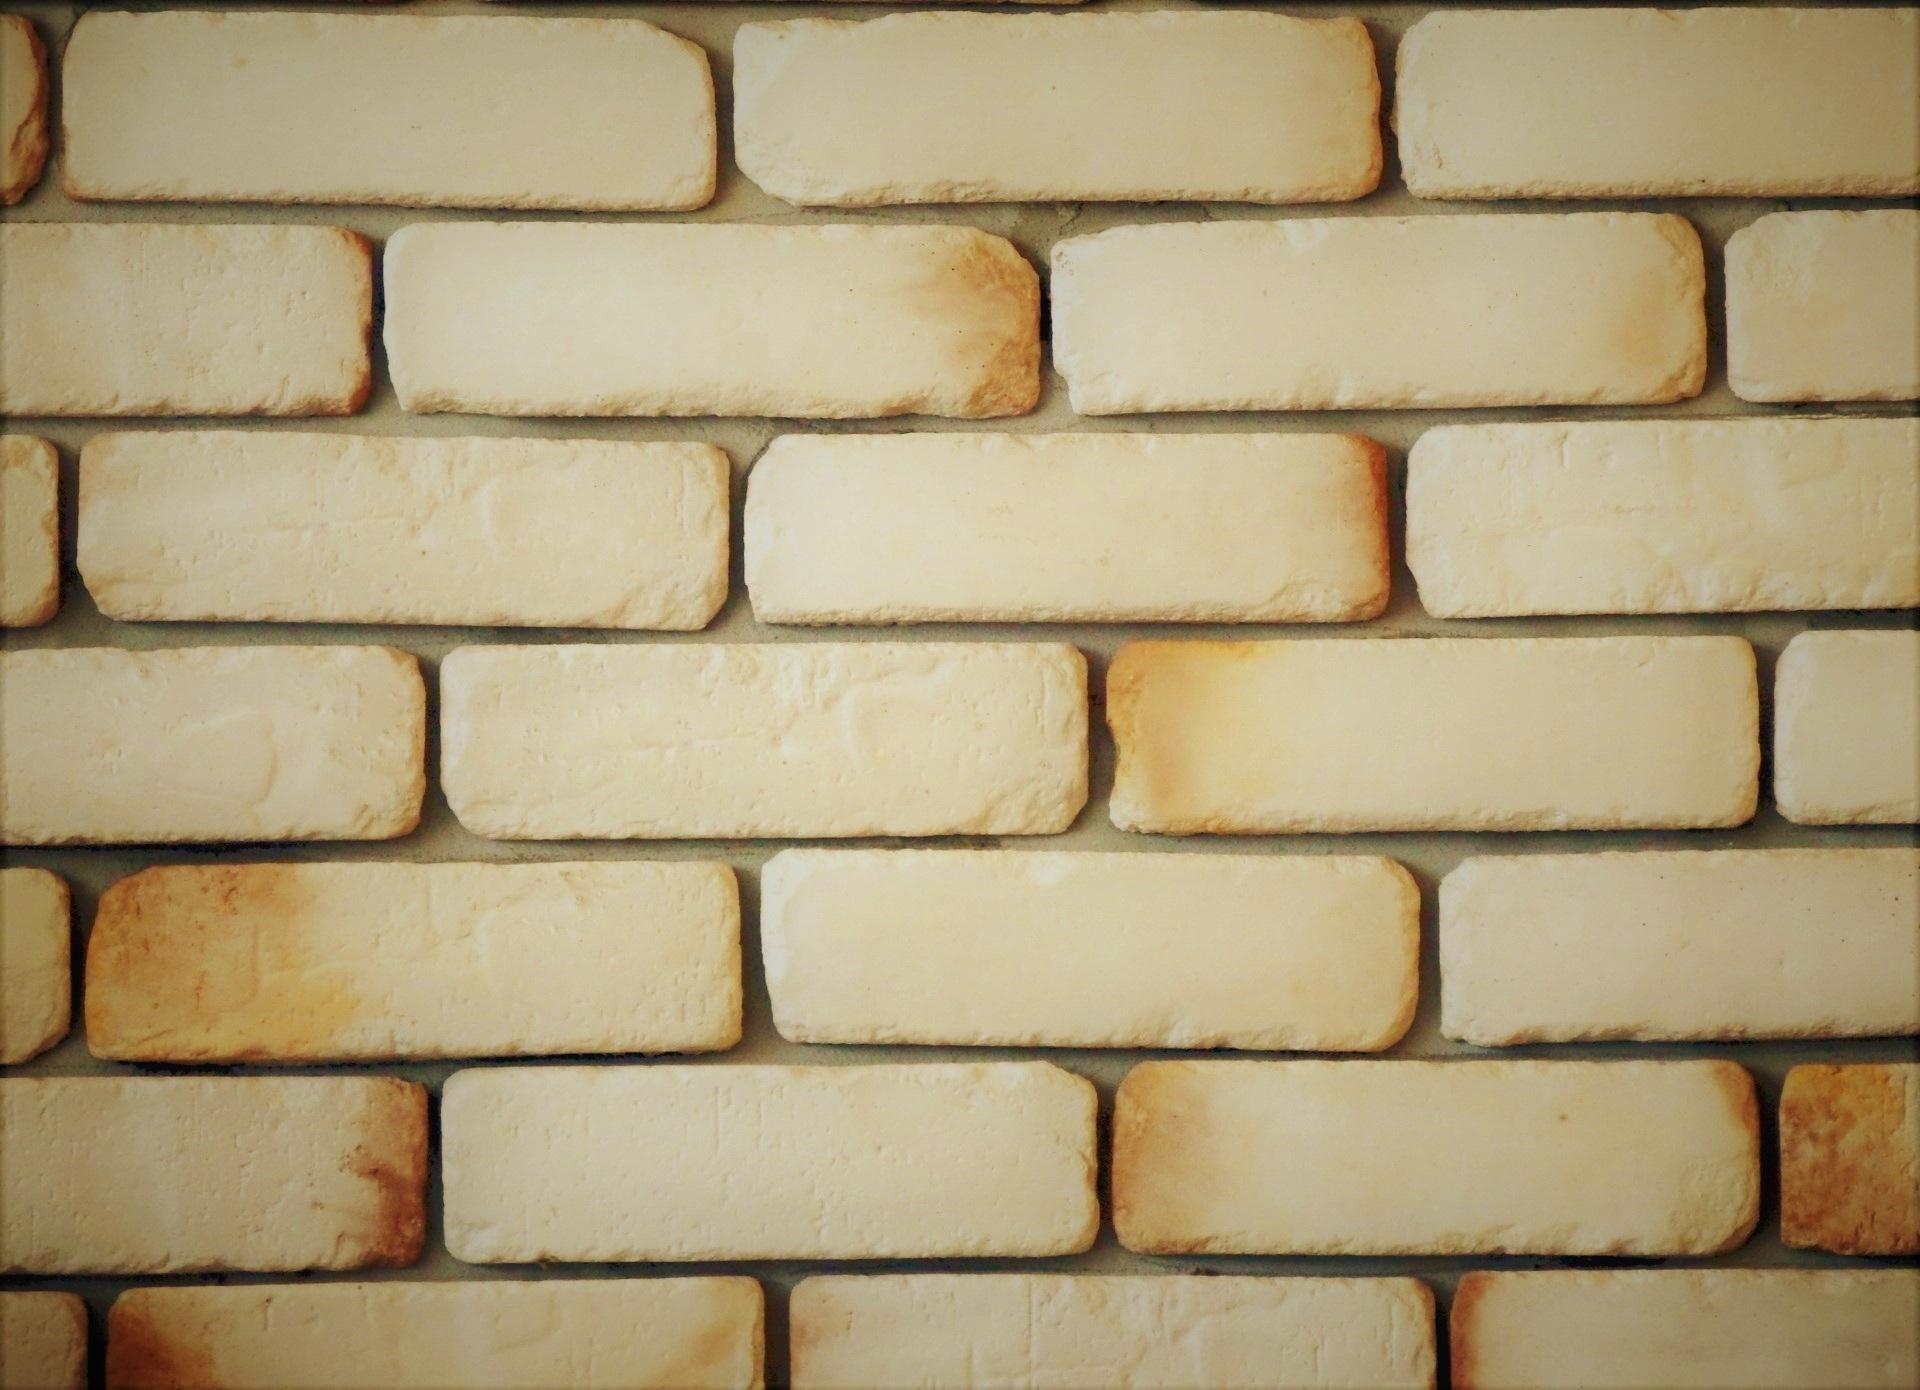 estructura madera textura piso pared fachada azulejo pared de piedra ladrillo material pared de ladrillo piedras